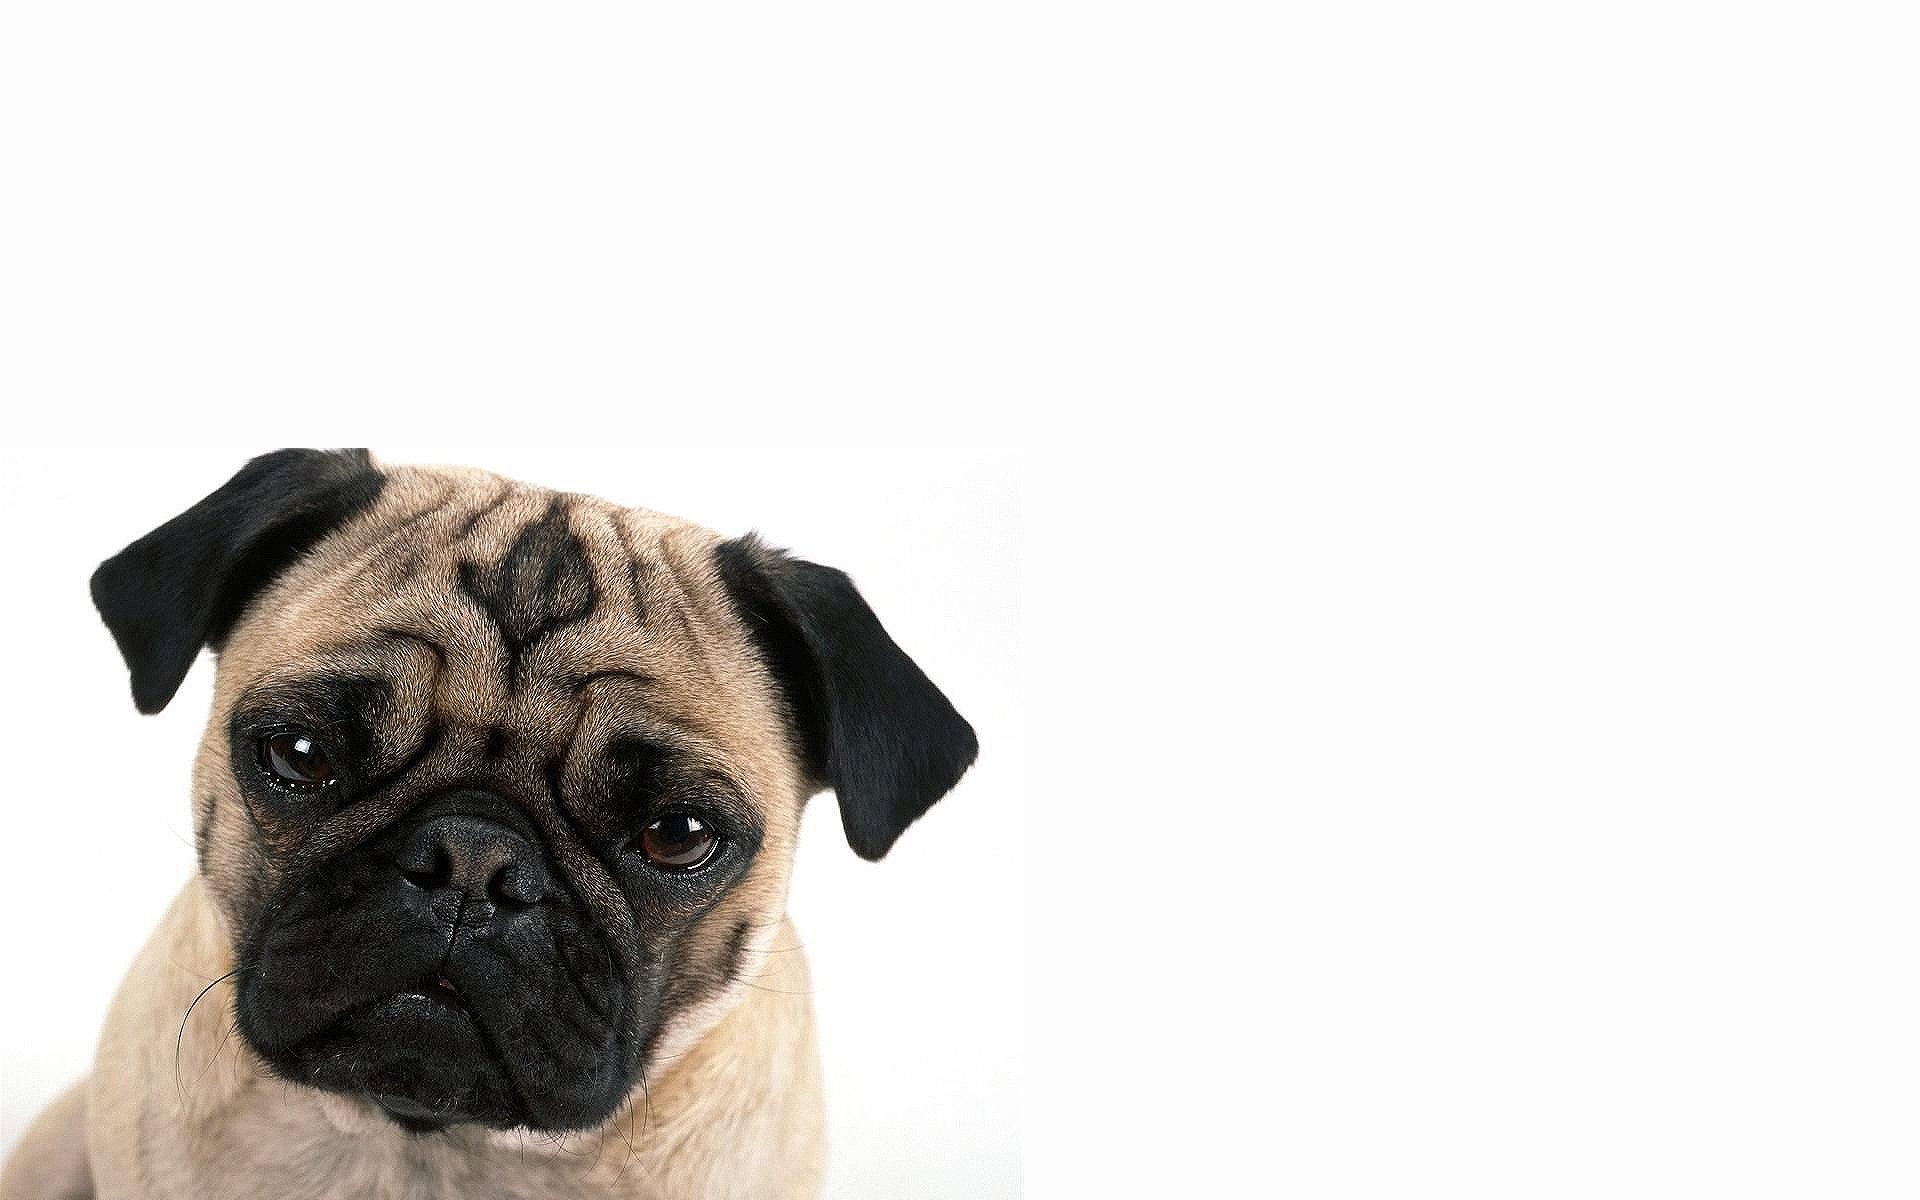 animals dogs pug wallpaper 1920x1200 262327 wallpaperup